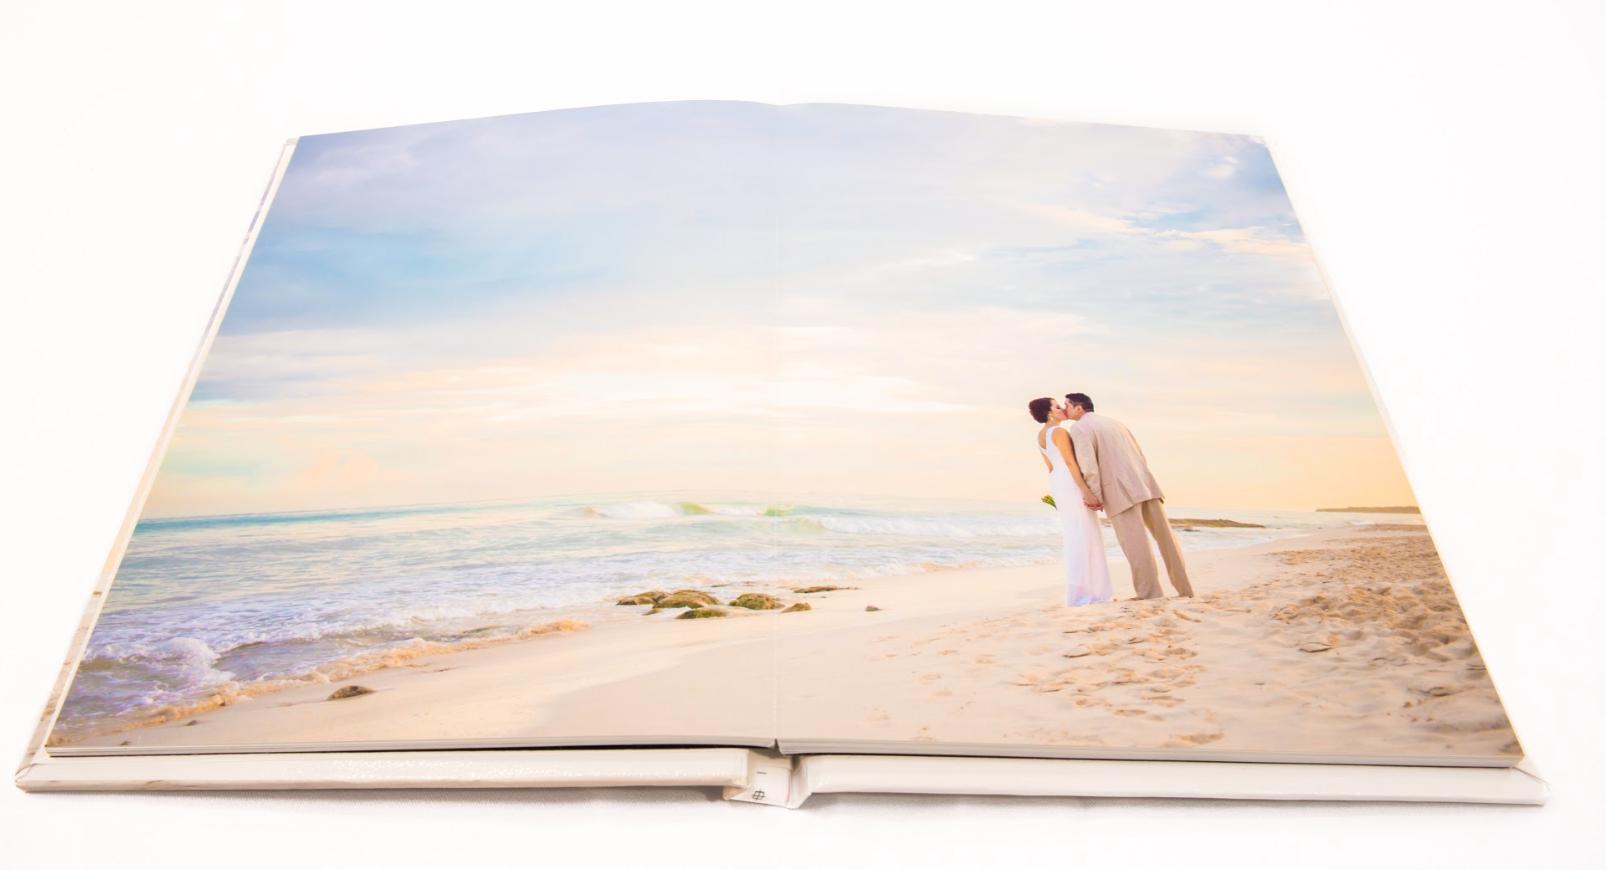 Luxury wedding photo album created by Adventure Photos